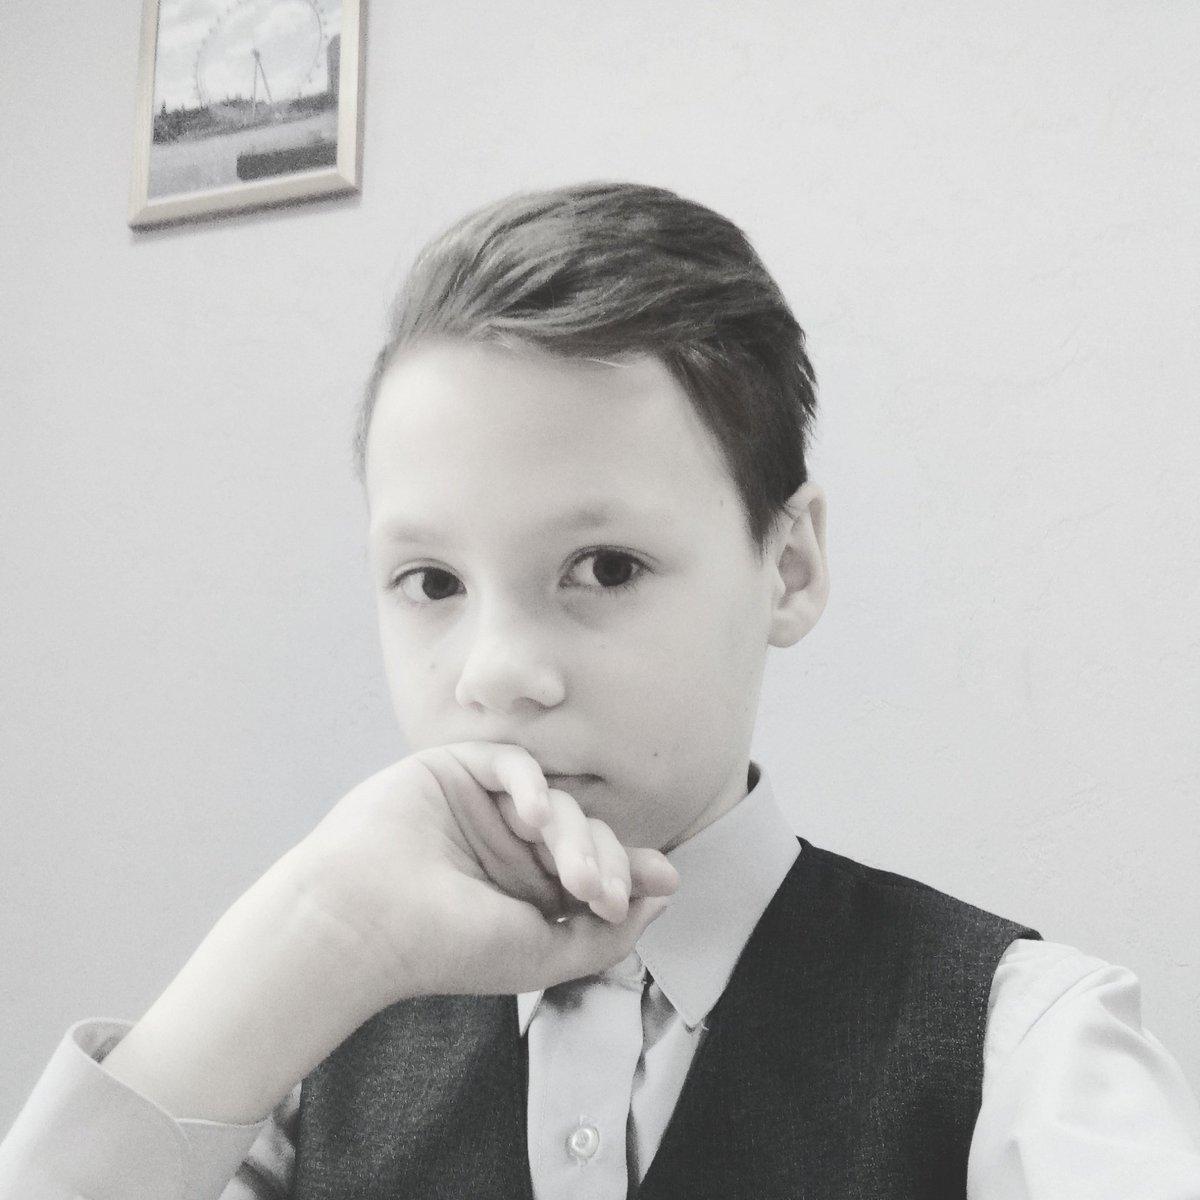 Регистрация в социальной сети Одноклассникиру как